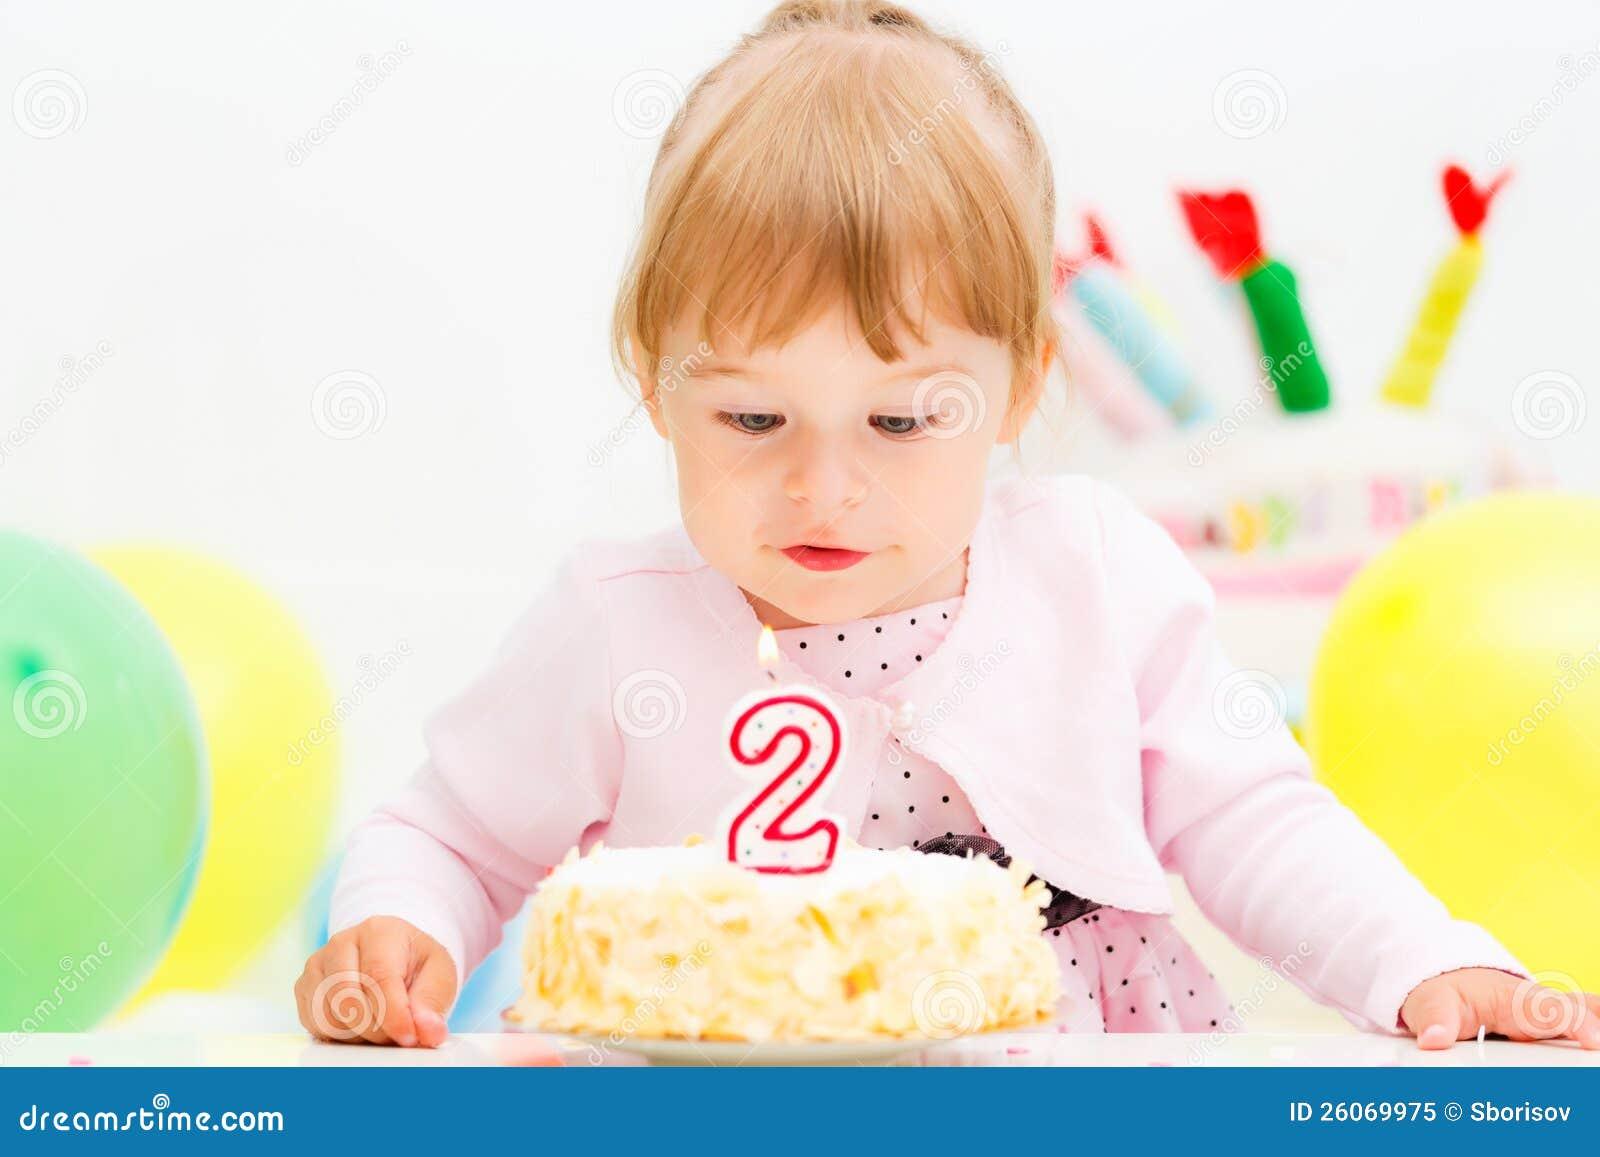 Małej dziewczynki odświętności po drugie urodziny